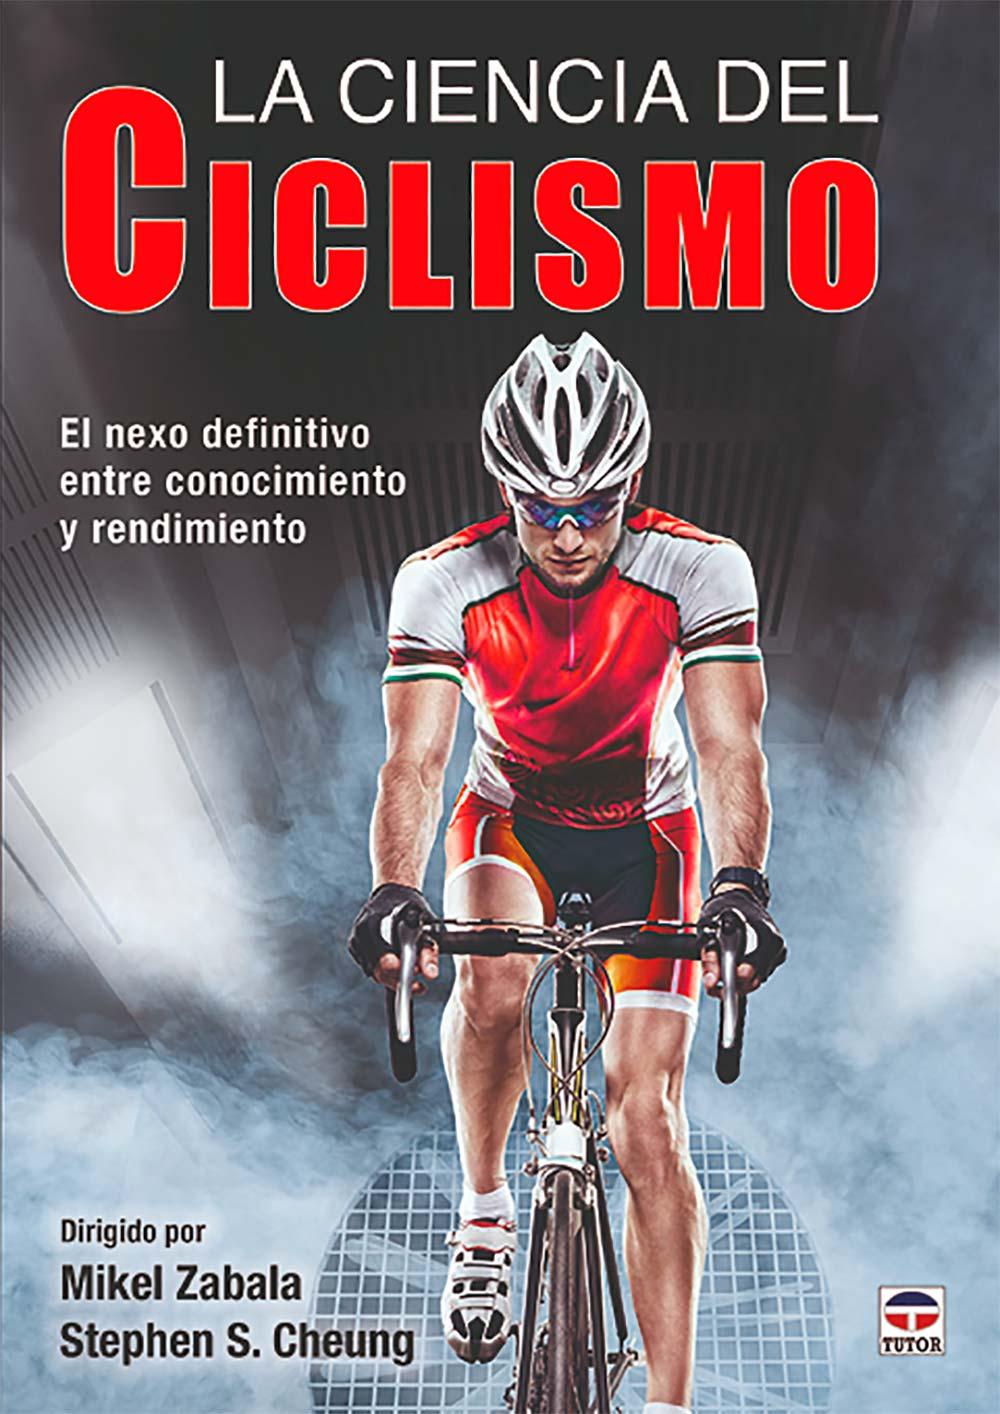 'La ciencia del ciclismo' de Ediciones Tutor, un libro esencial para comprender los principios científicos y tecnológicos del ciclismo